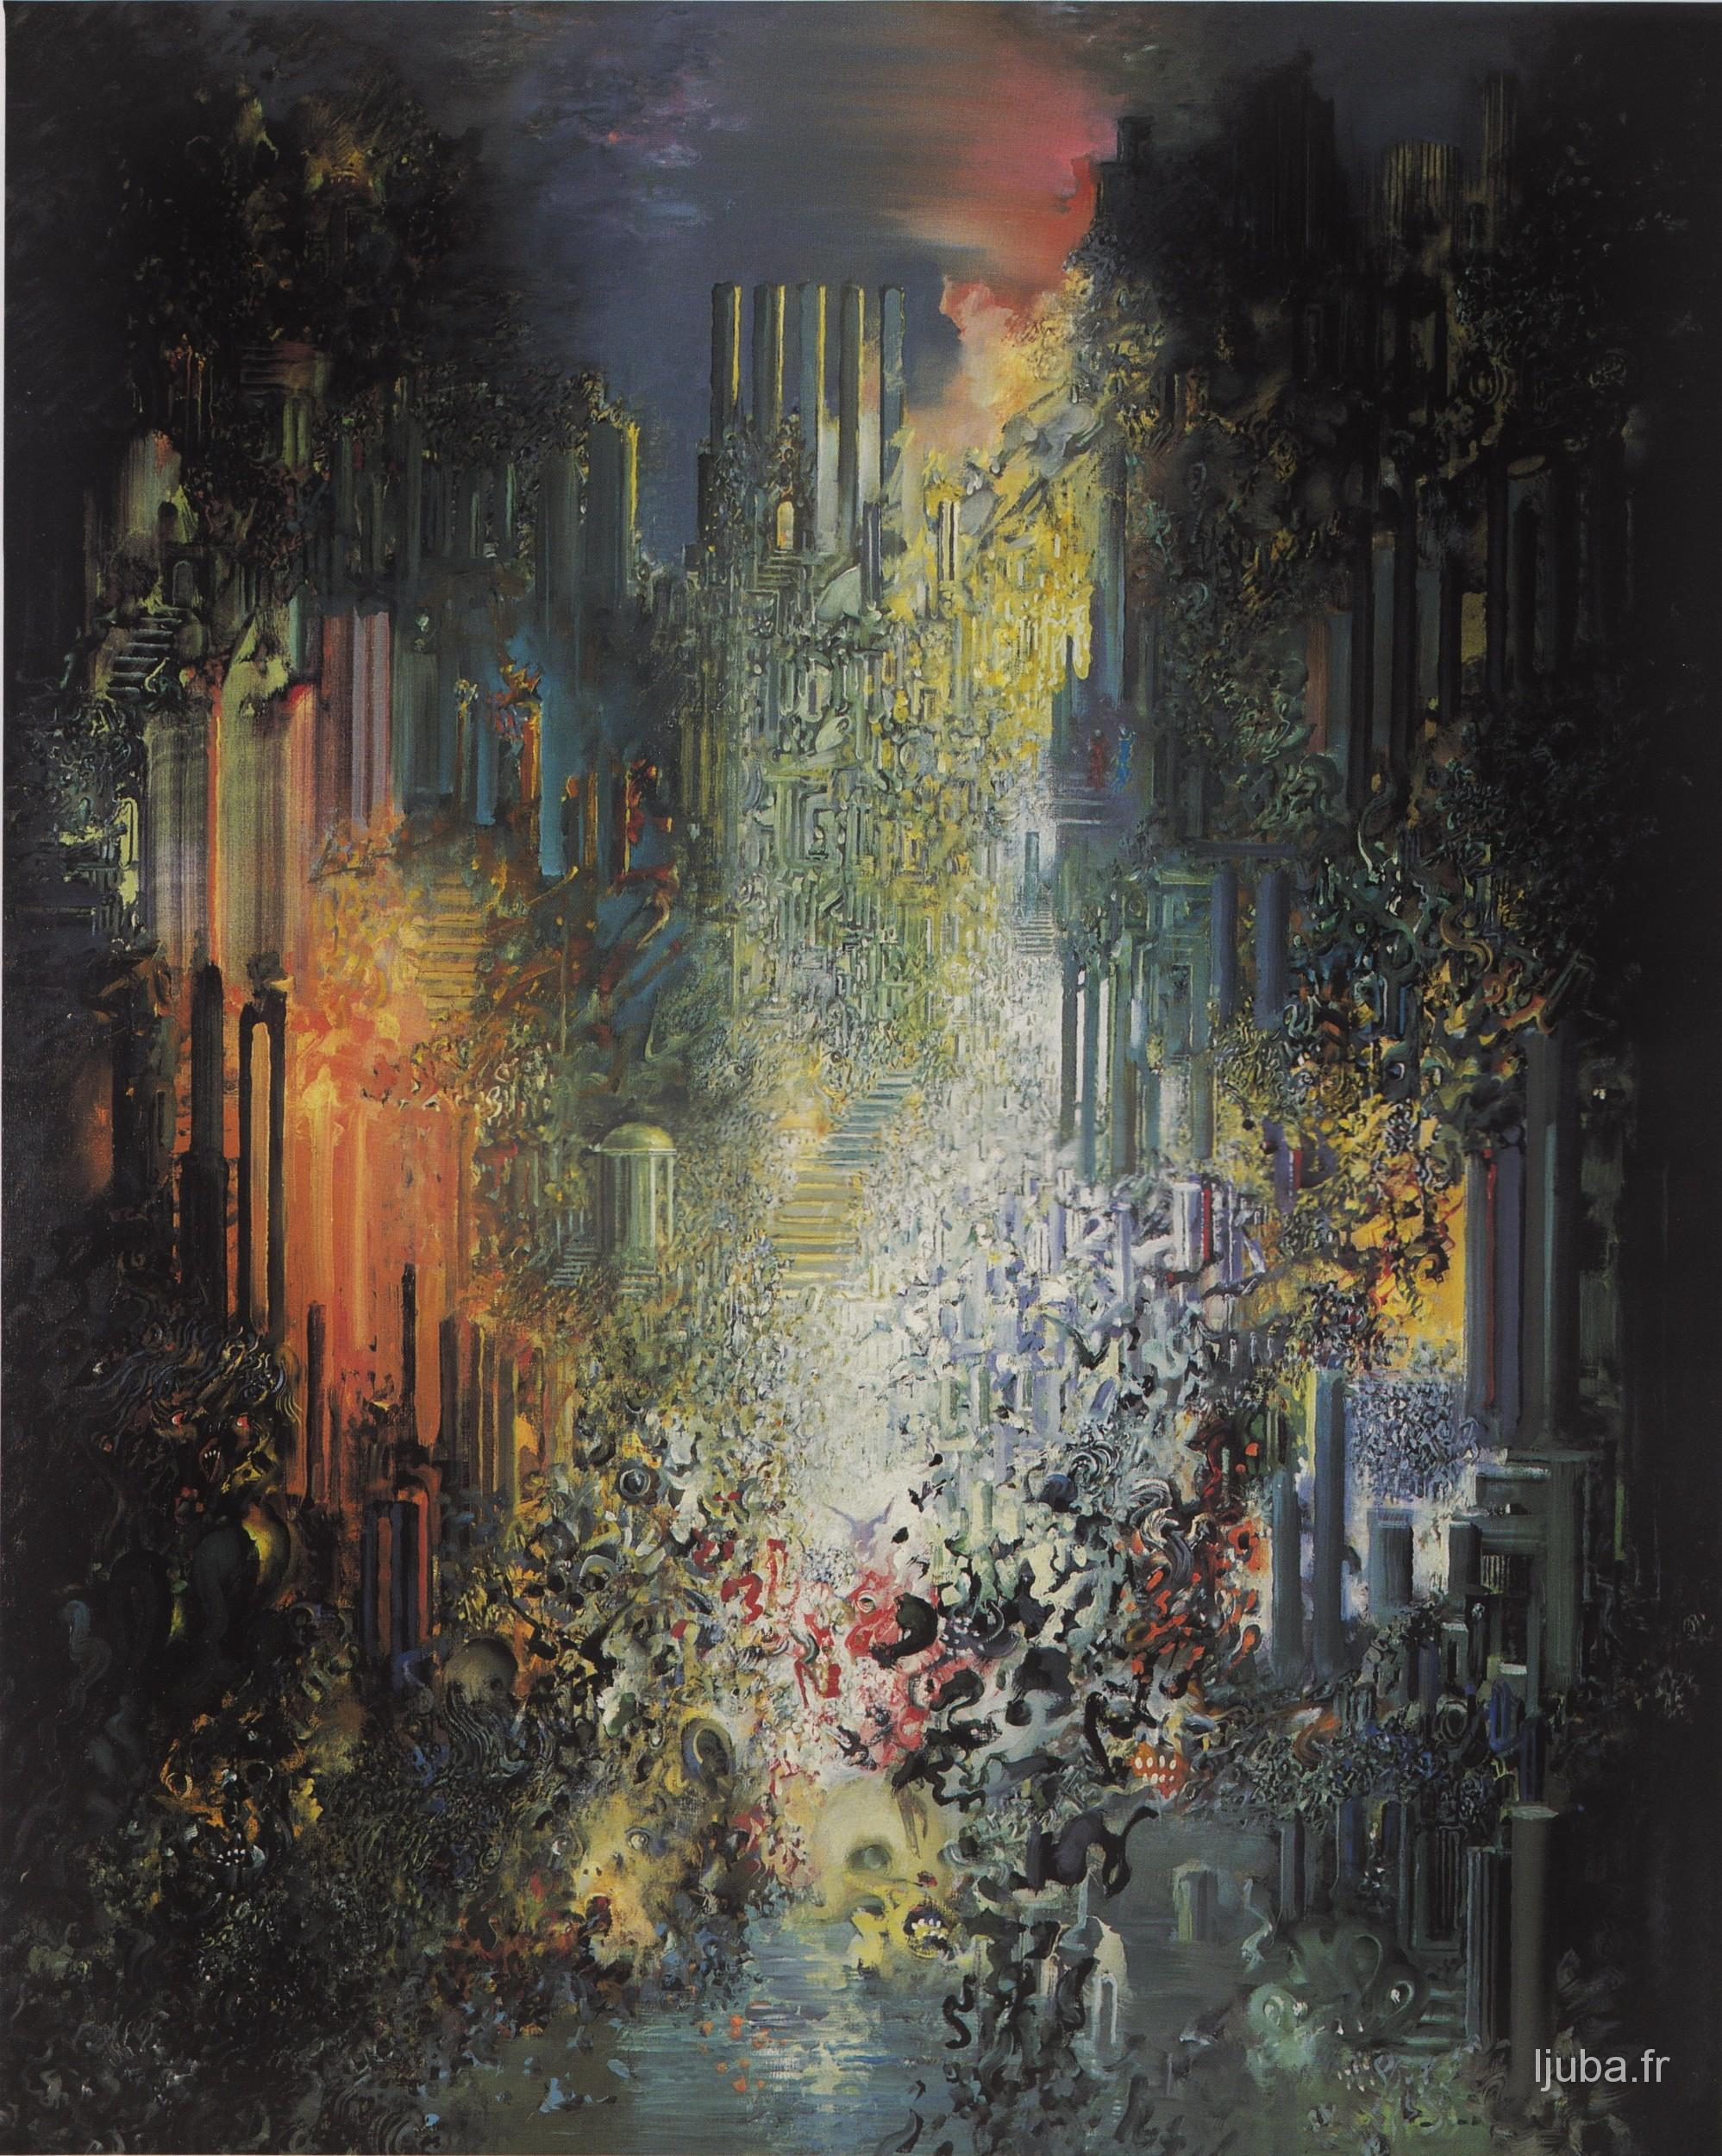 Ljuba Popovic - 1995, Tajna zlatne ruševine